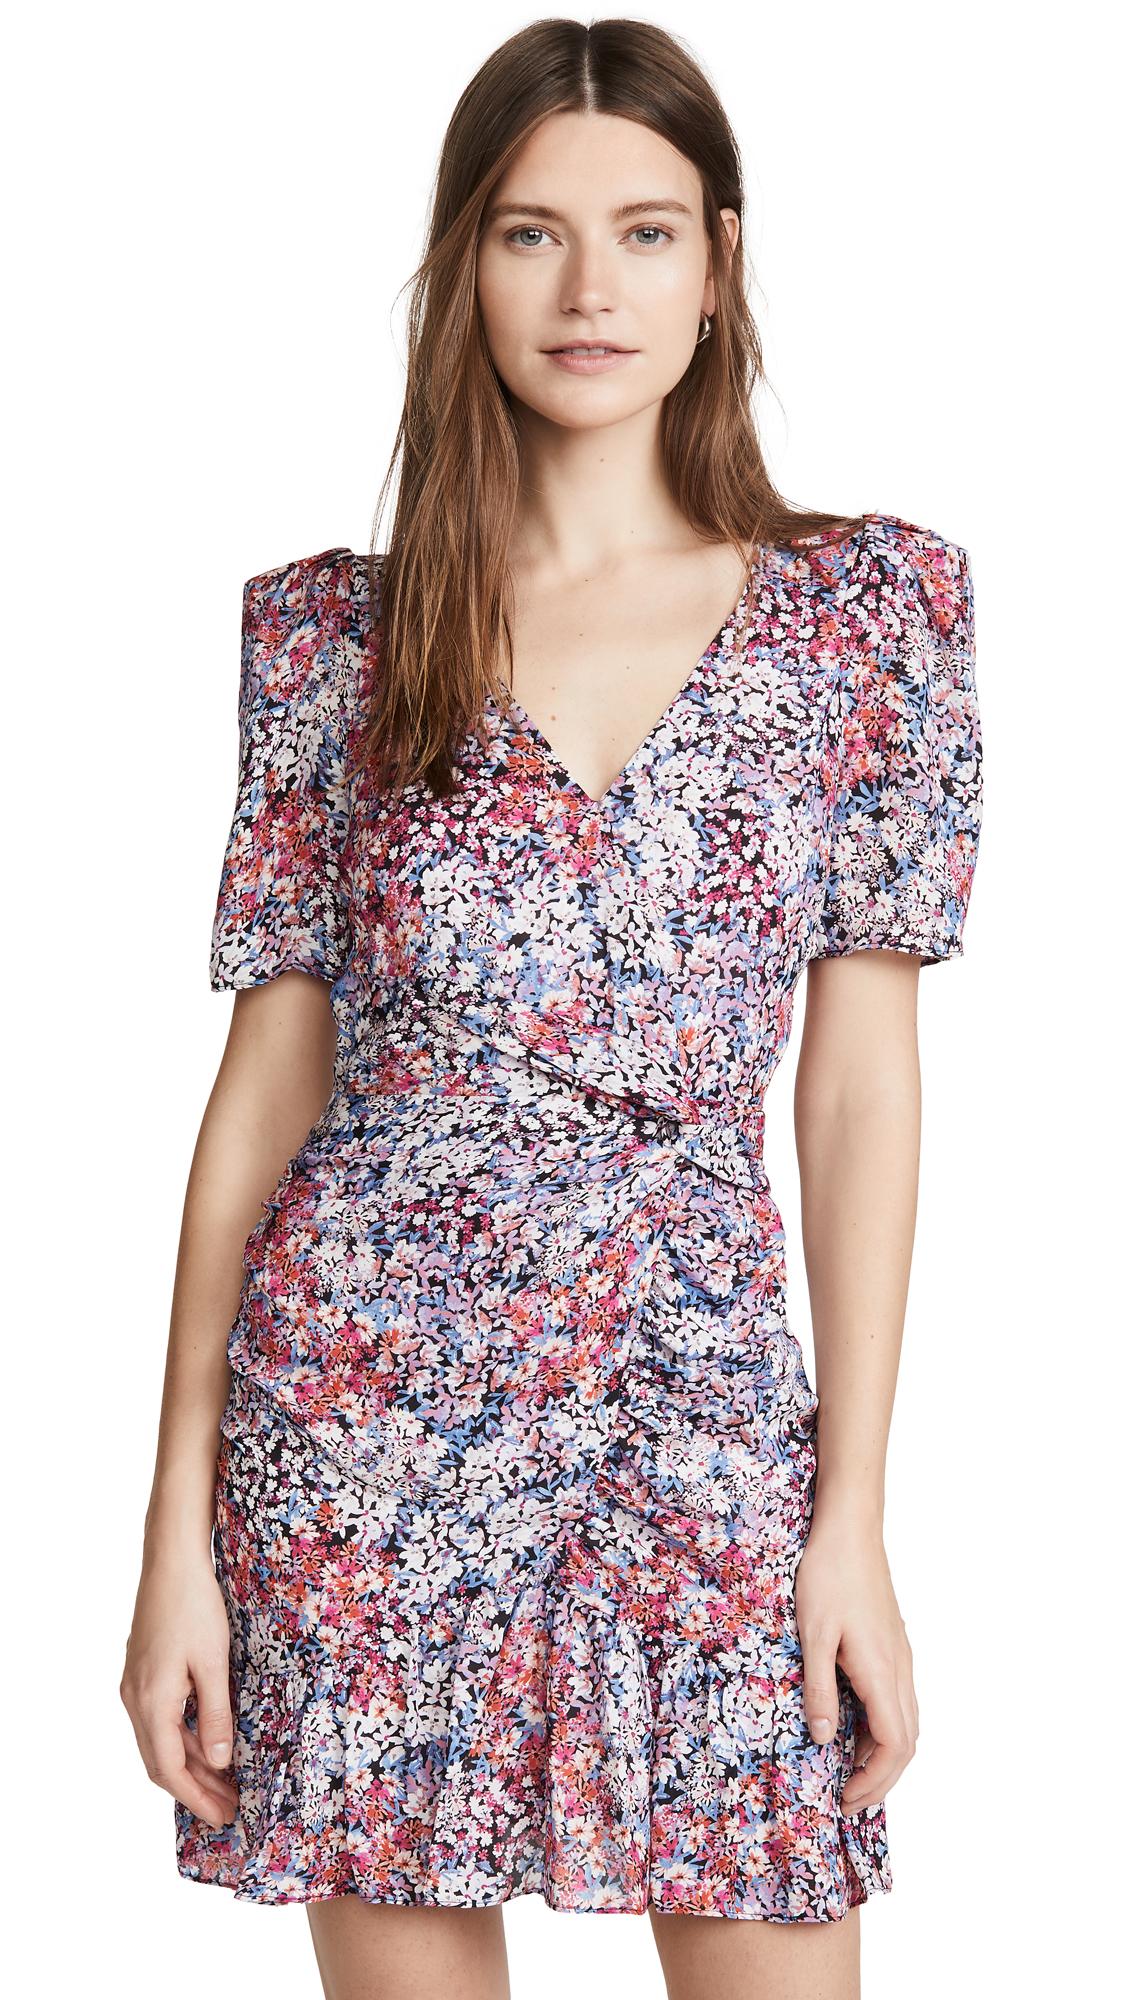 Parker Krislyn Dress - 50% Off Sale